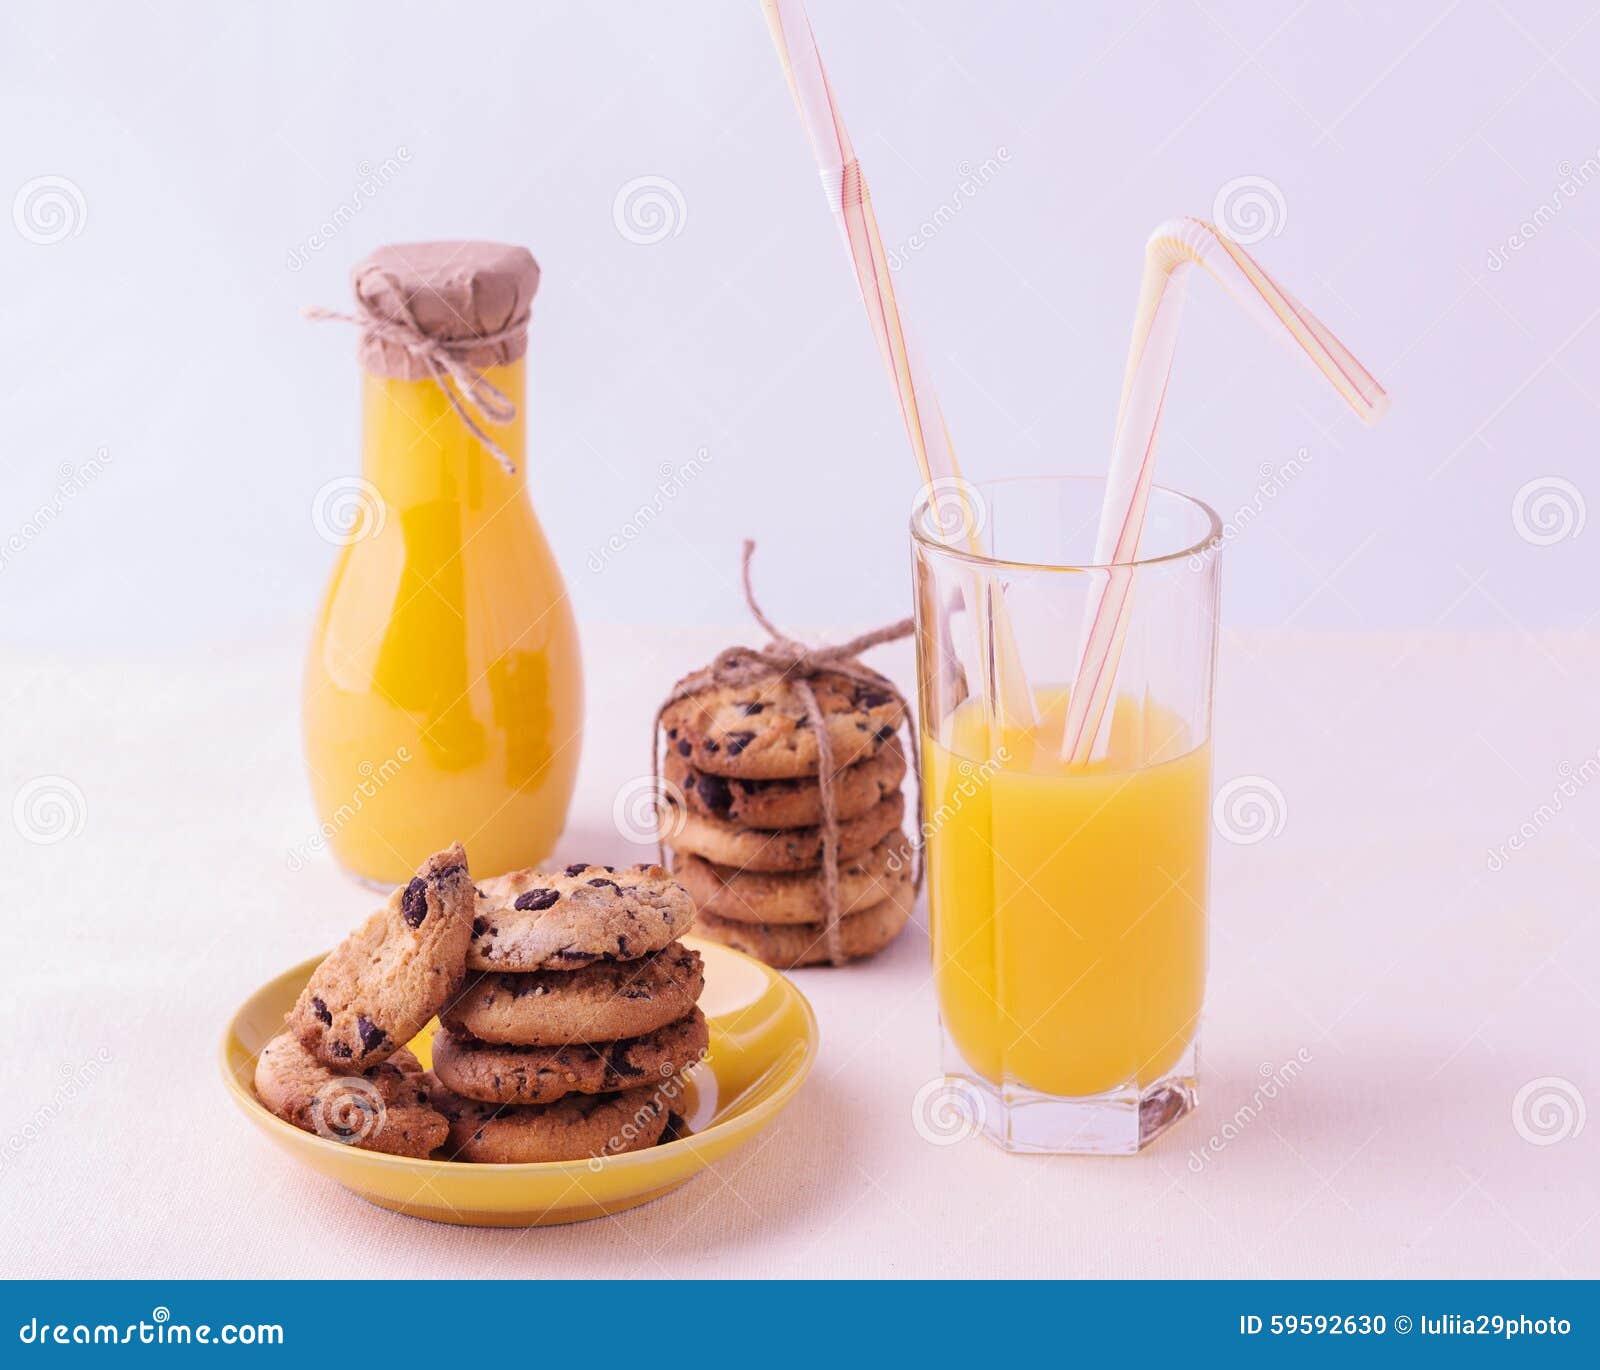 Biscuits Faits Maison Avec Du Chocolat Et Le Jus D Orange Sur A